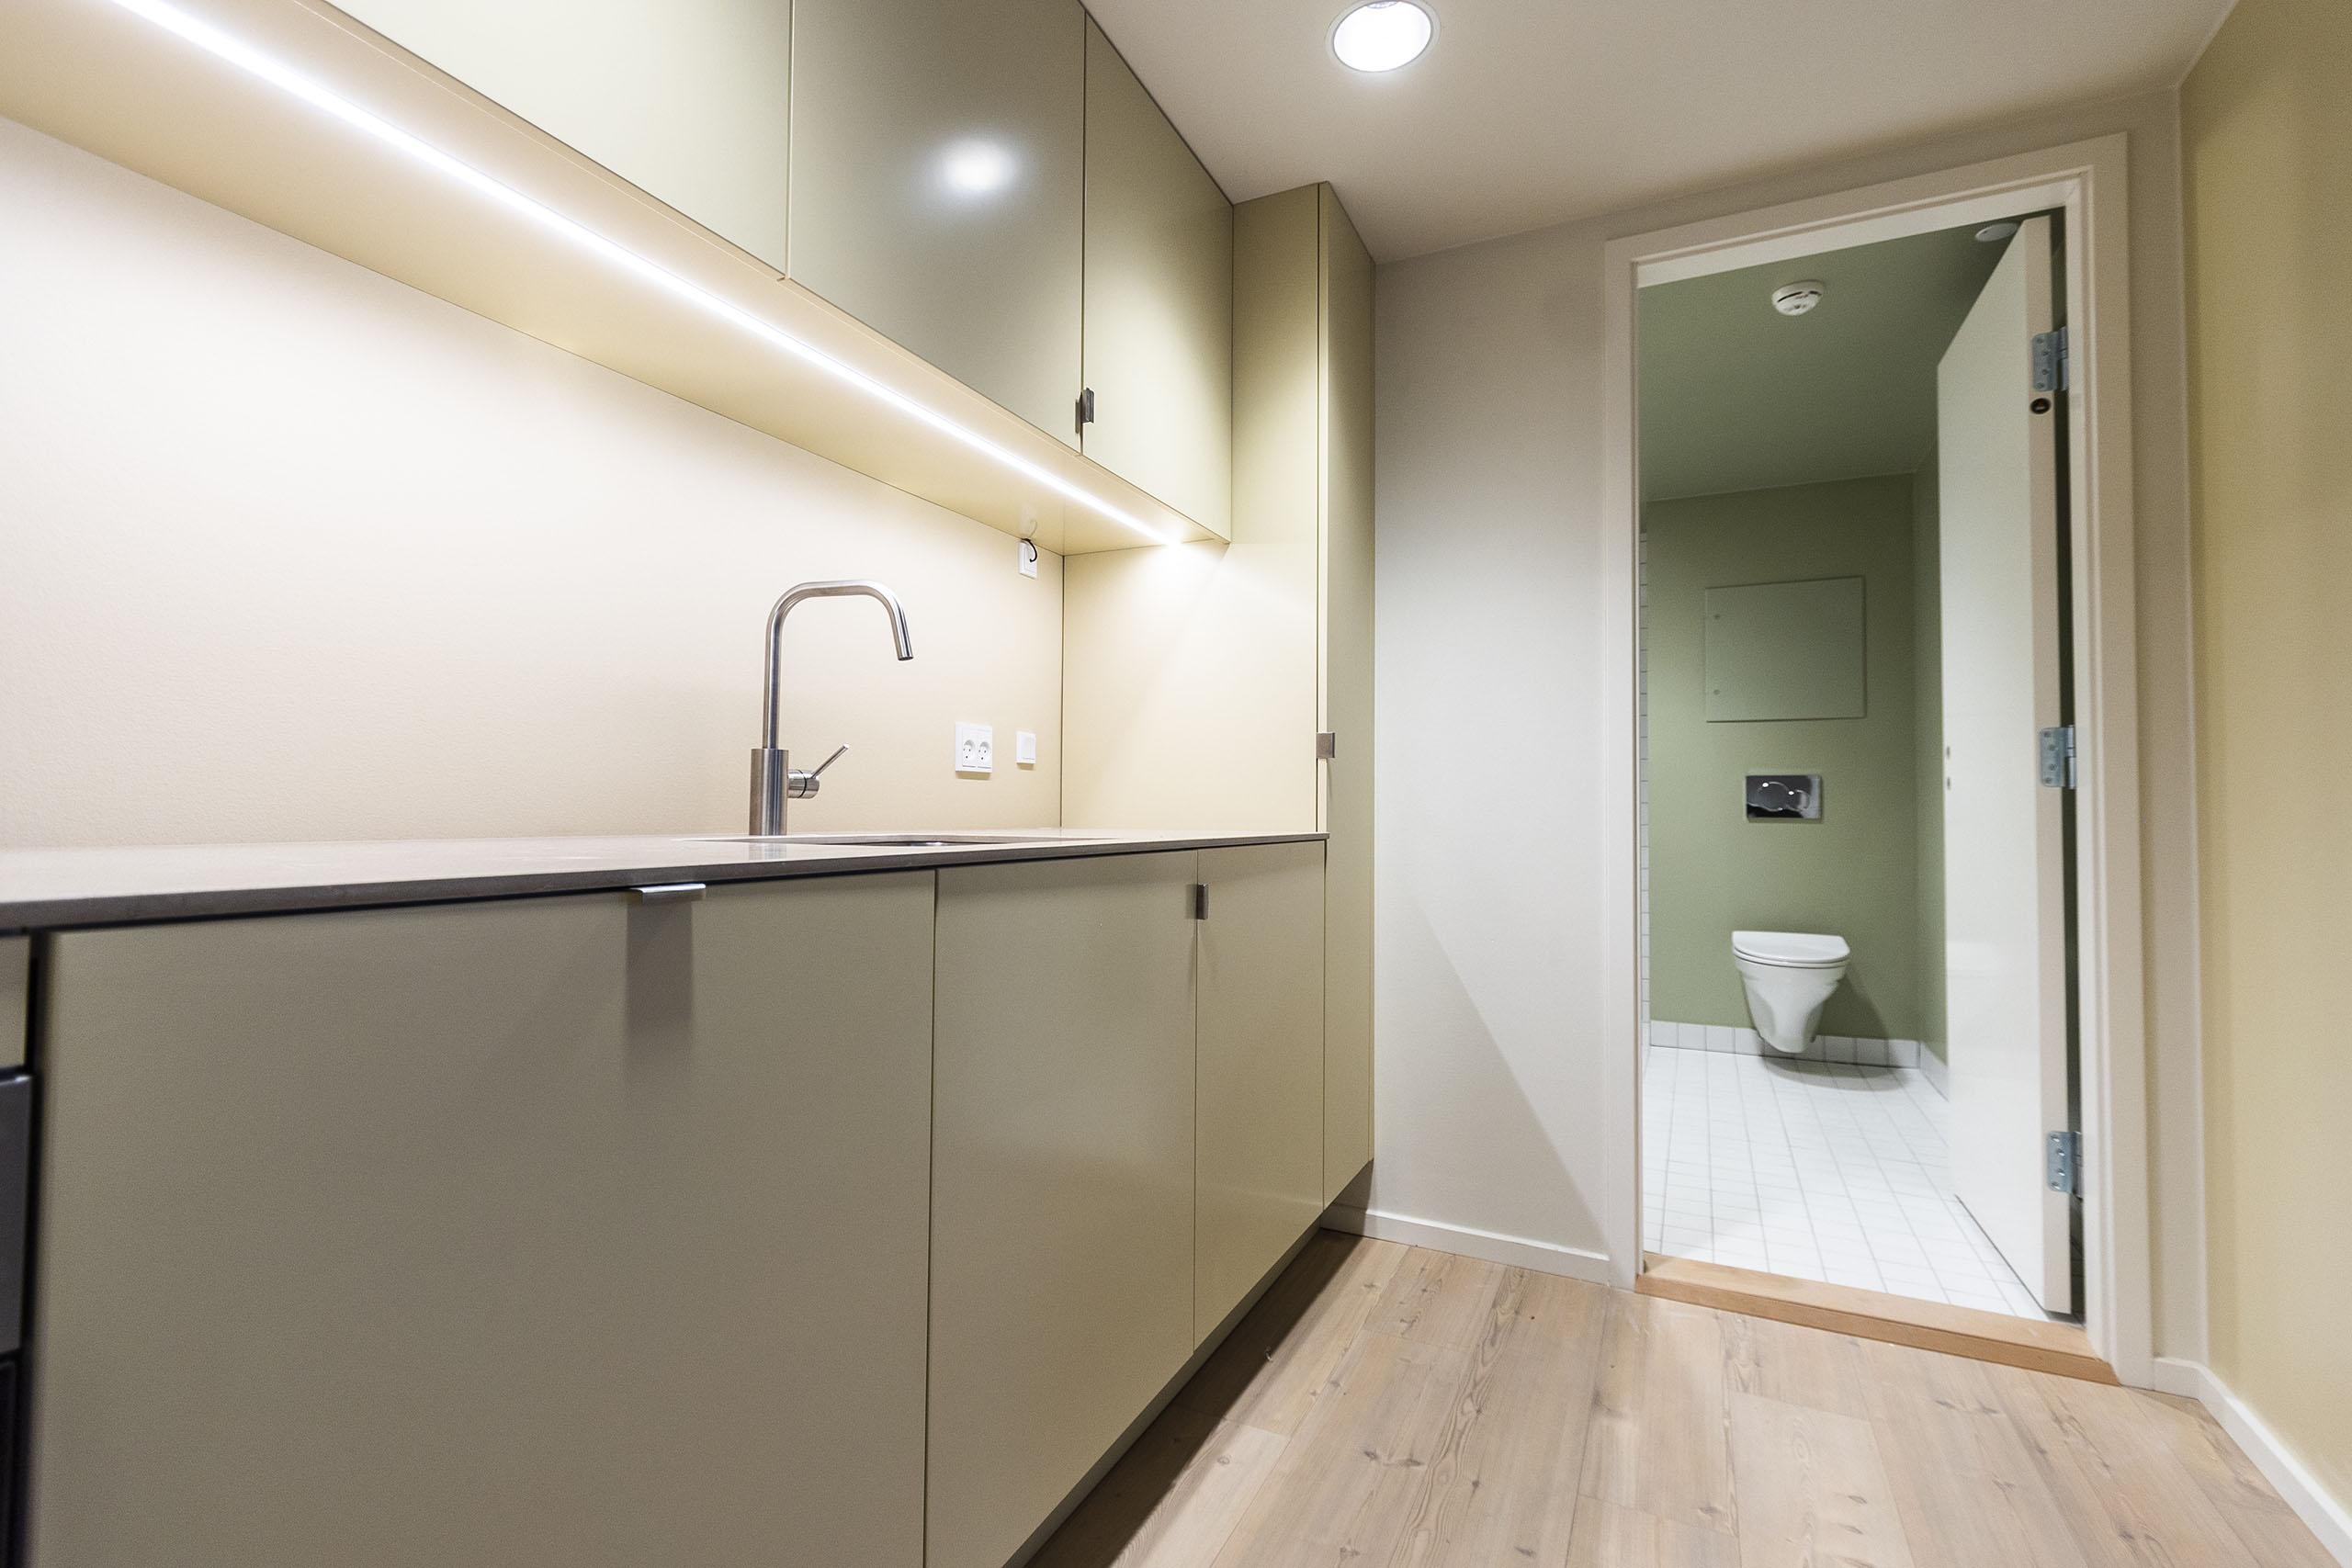 Færdiglavet køkken og badeværelse